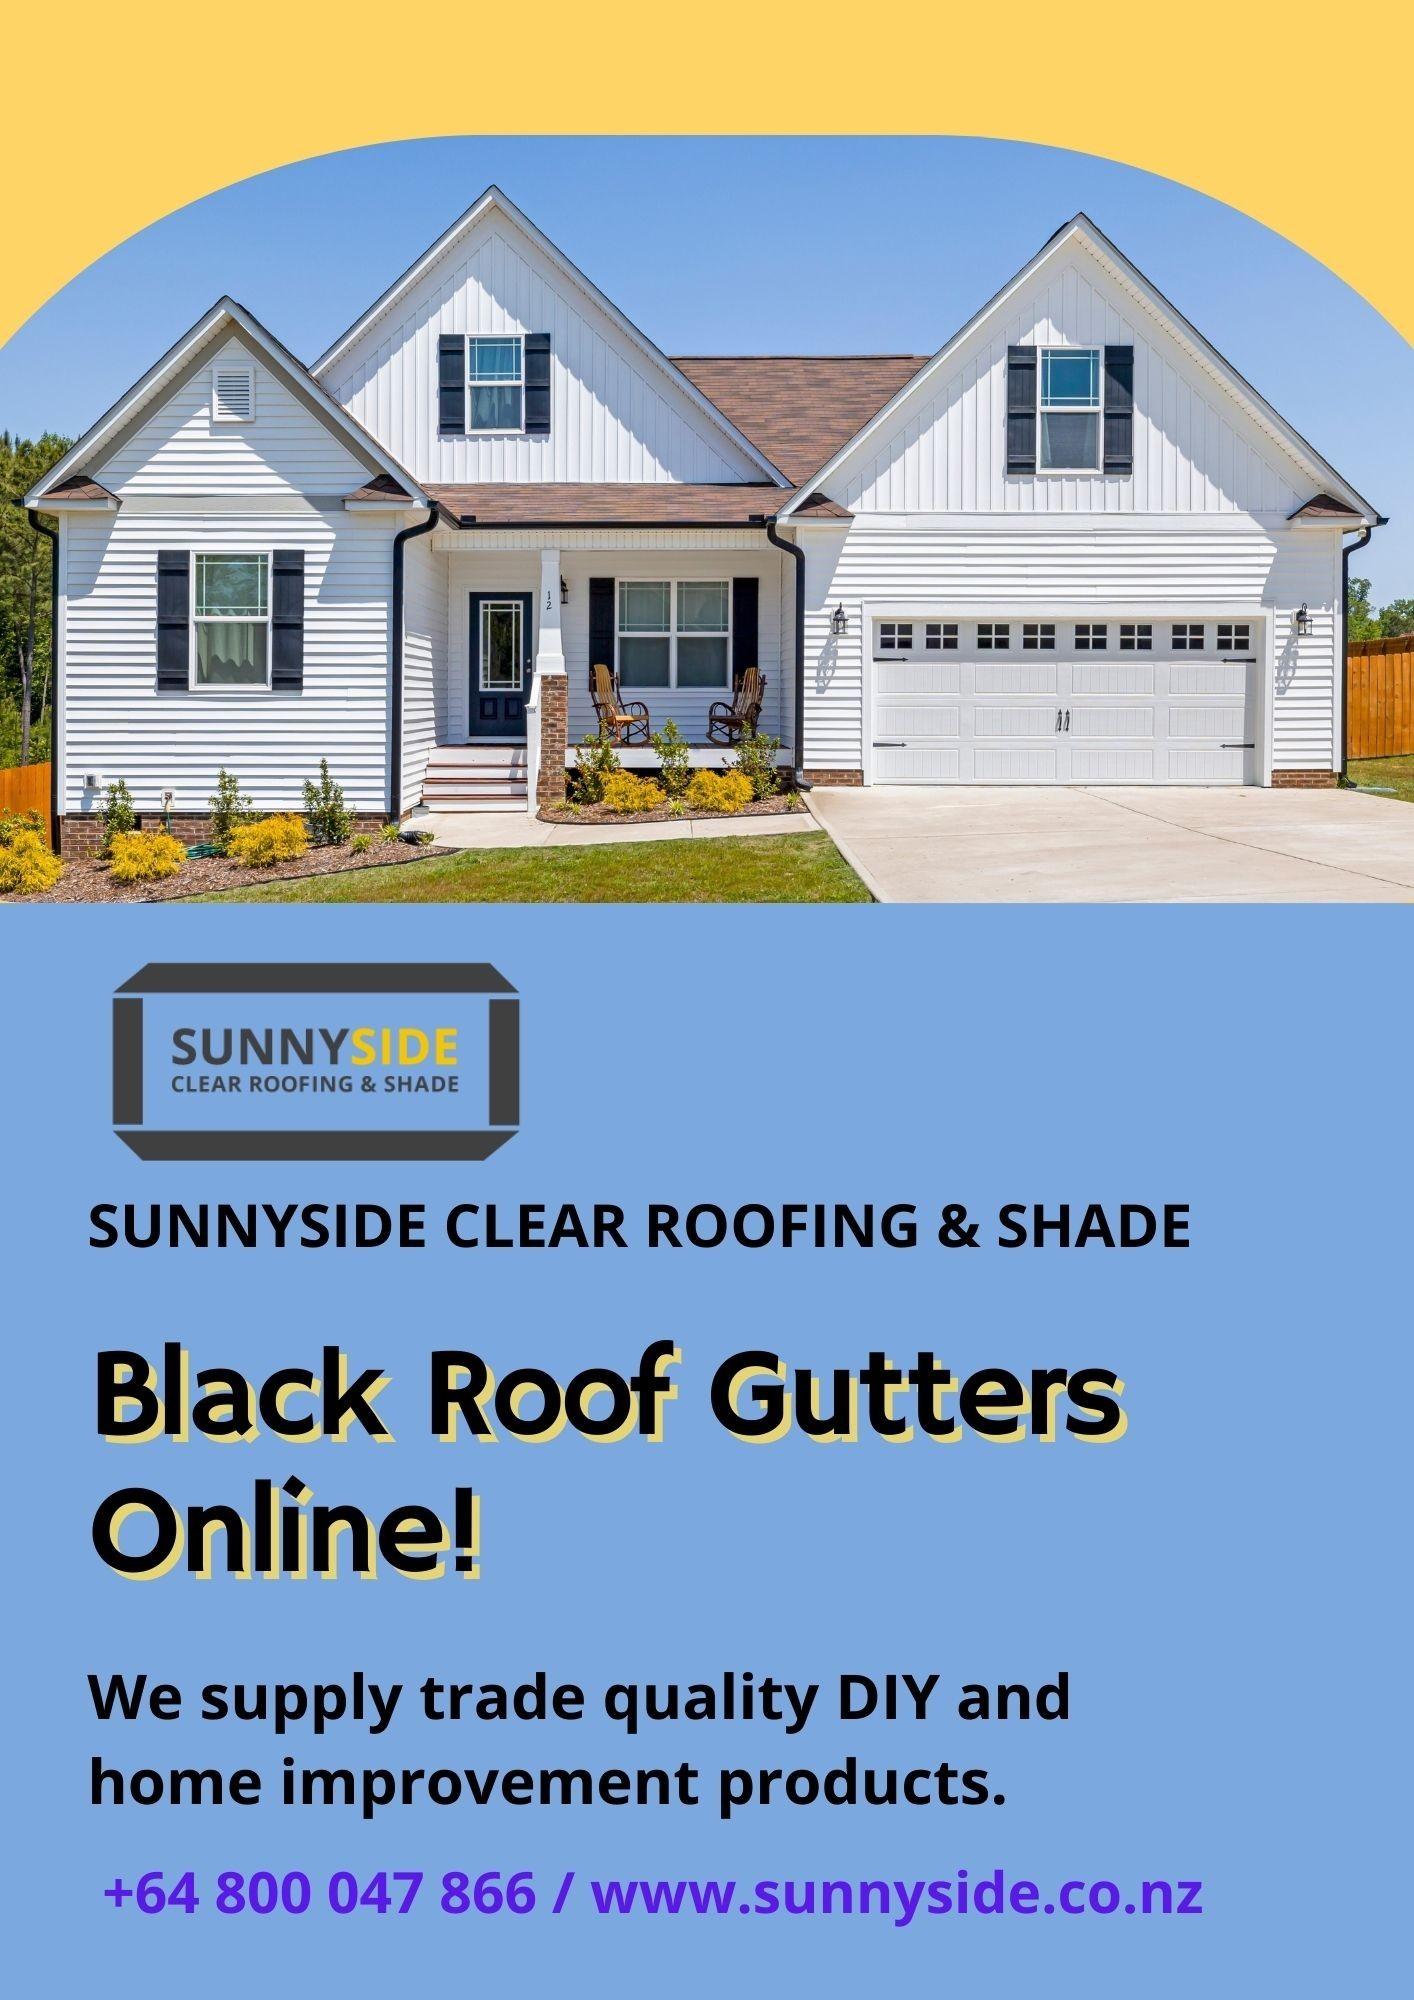 Black Roof Gutters Online – Sunnyside